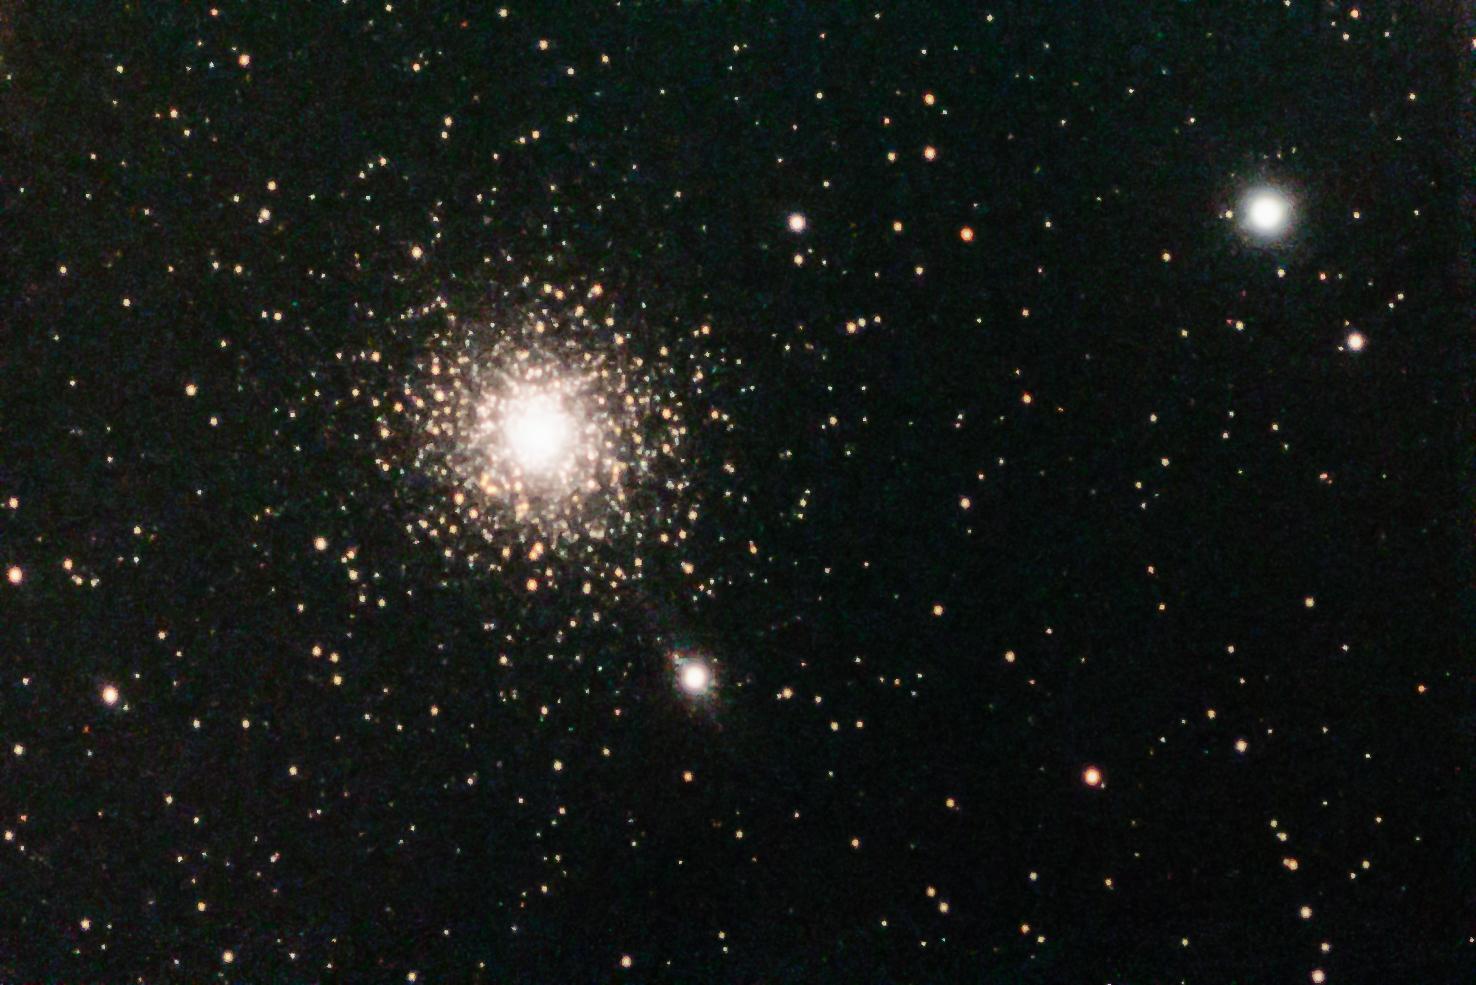 m15, pegasus cluster, messier 15, pegasus, globular cluster